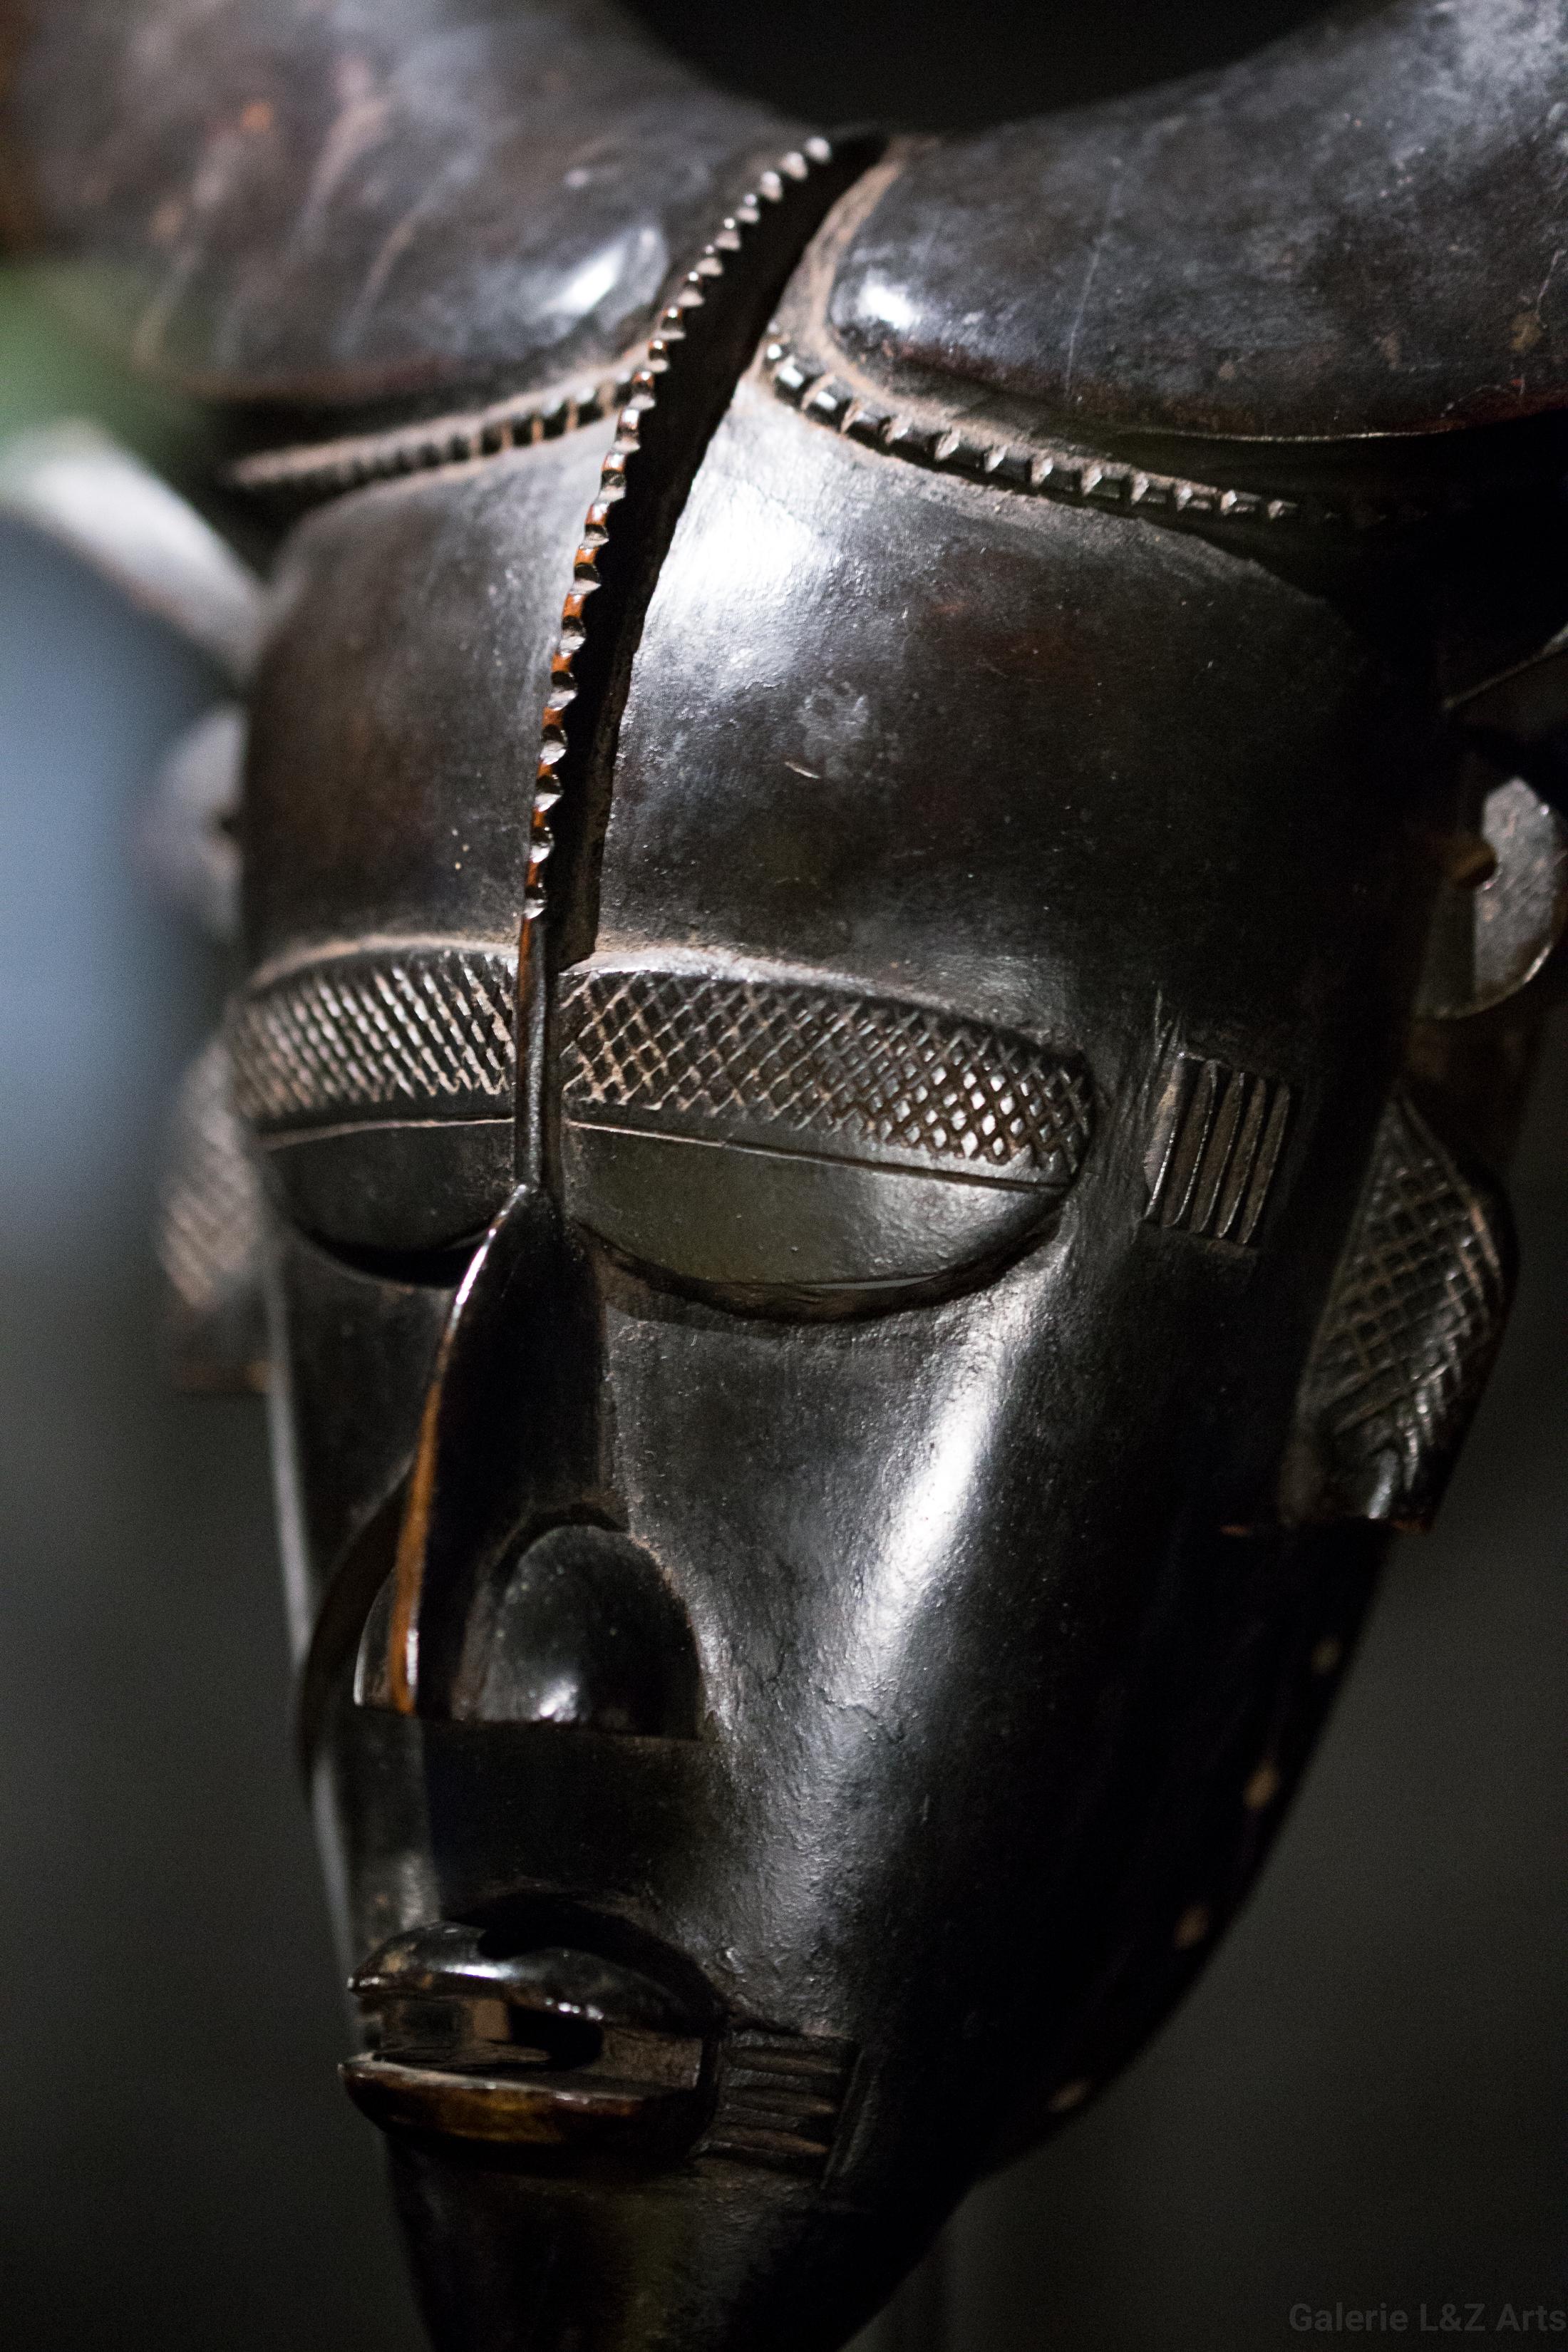 exposition-masque-art-tribal-africain-musee-quai-branly-belgique-galerie-lz-arts-liege-cite-miroir-oceanie-asie-japon-amerique-art-premier-nepal-10.jpg